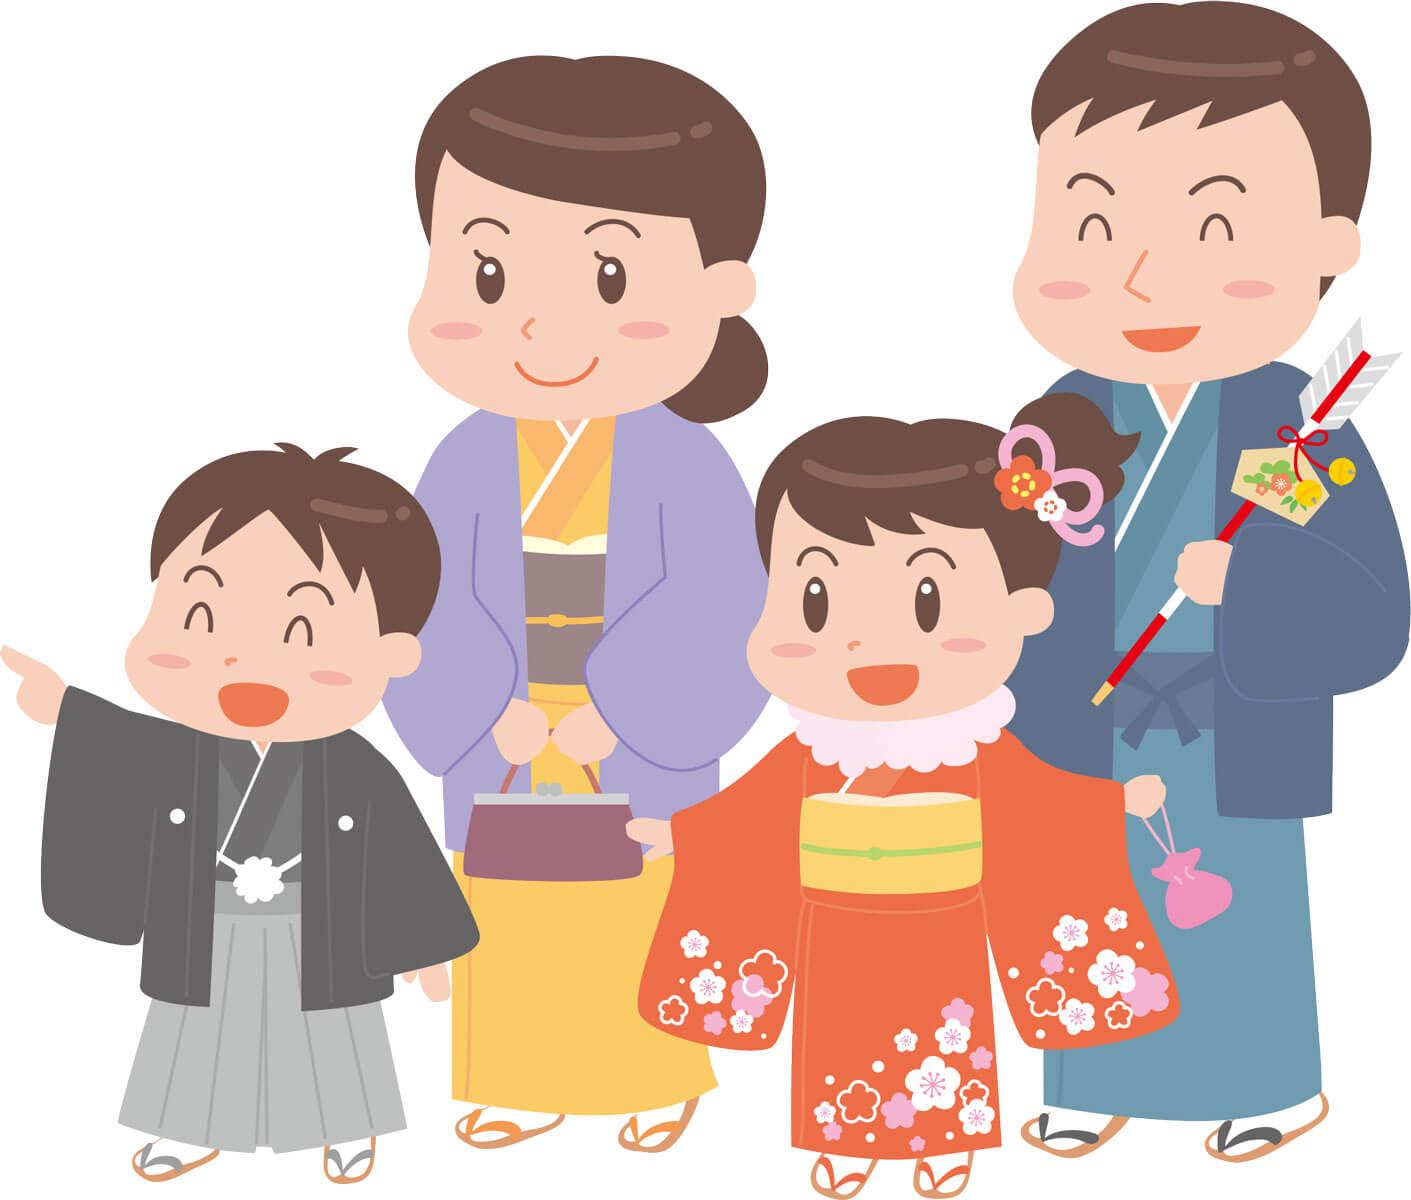 太宰府天満宮初詣2019の営業時間(夜も)と人出は?混雑回避方法!